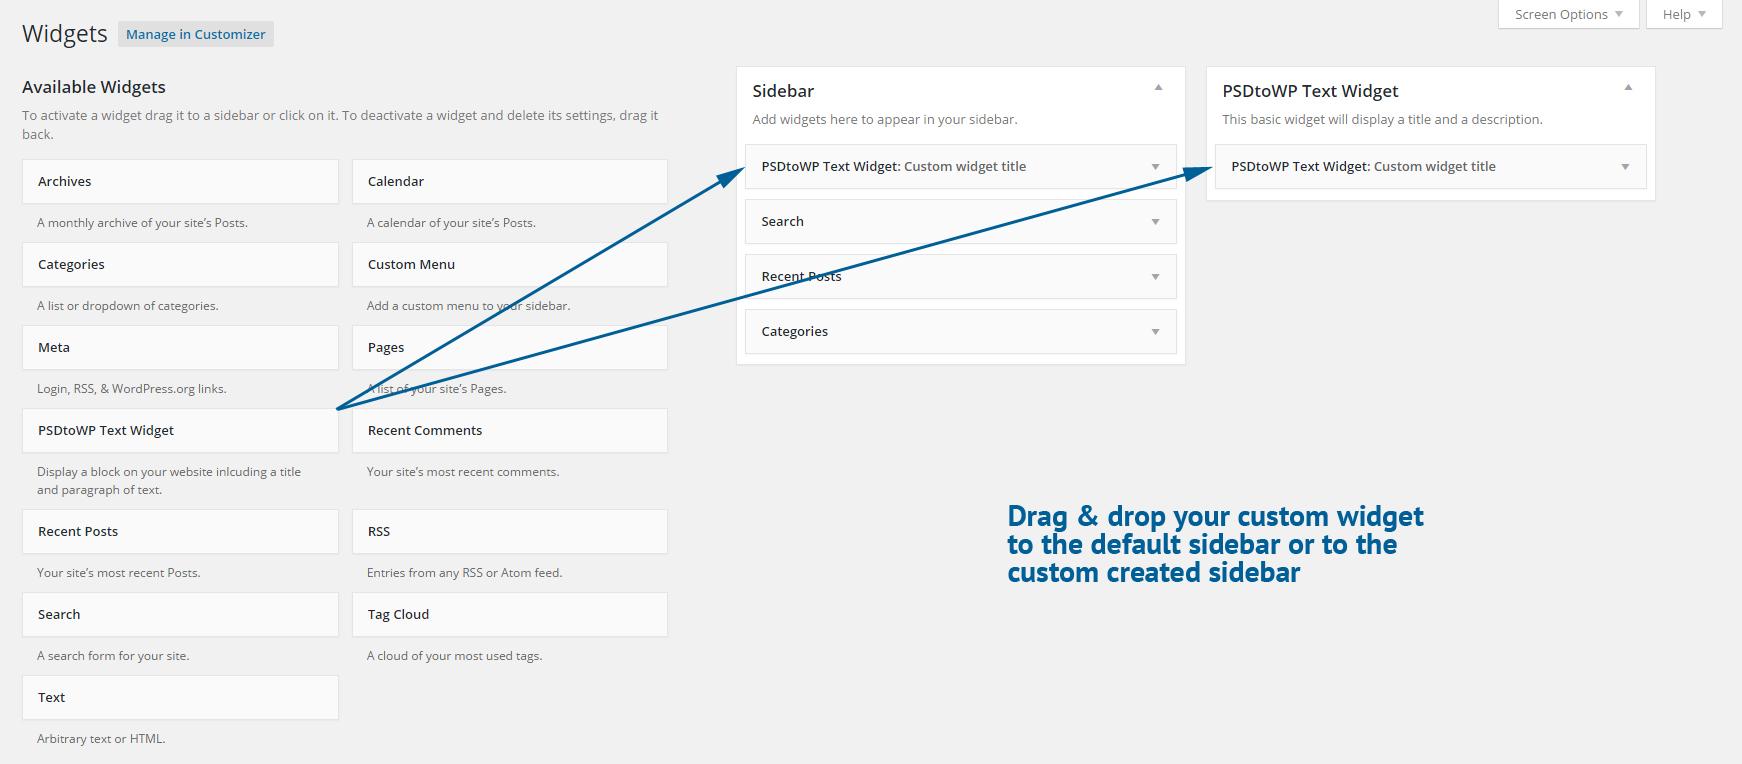 Drag & Drop WP widgets